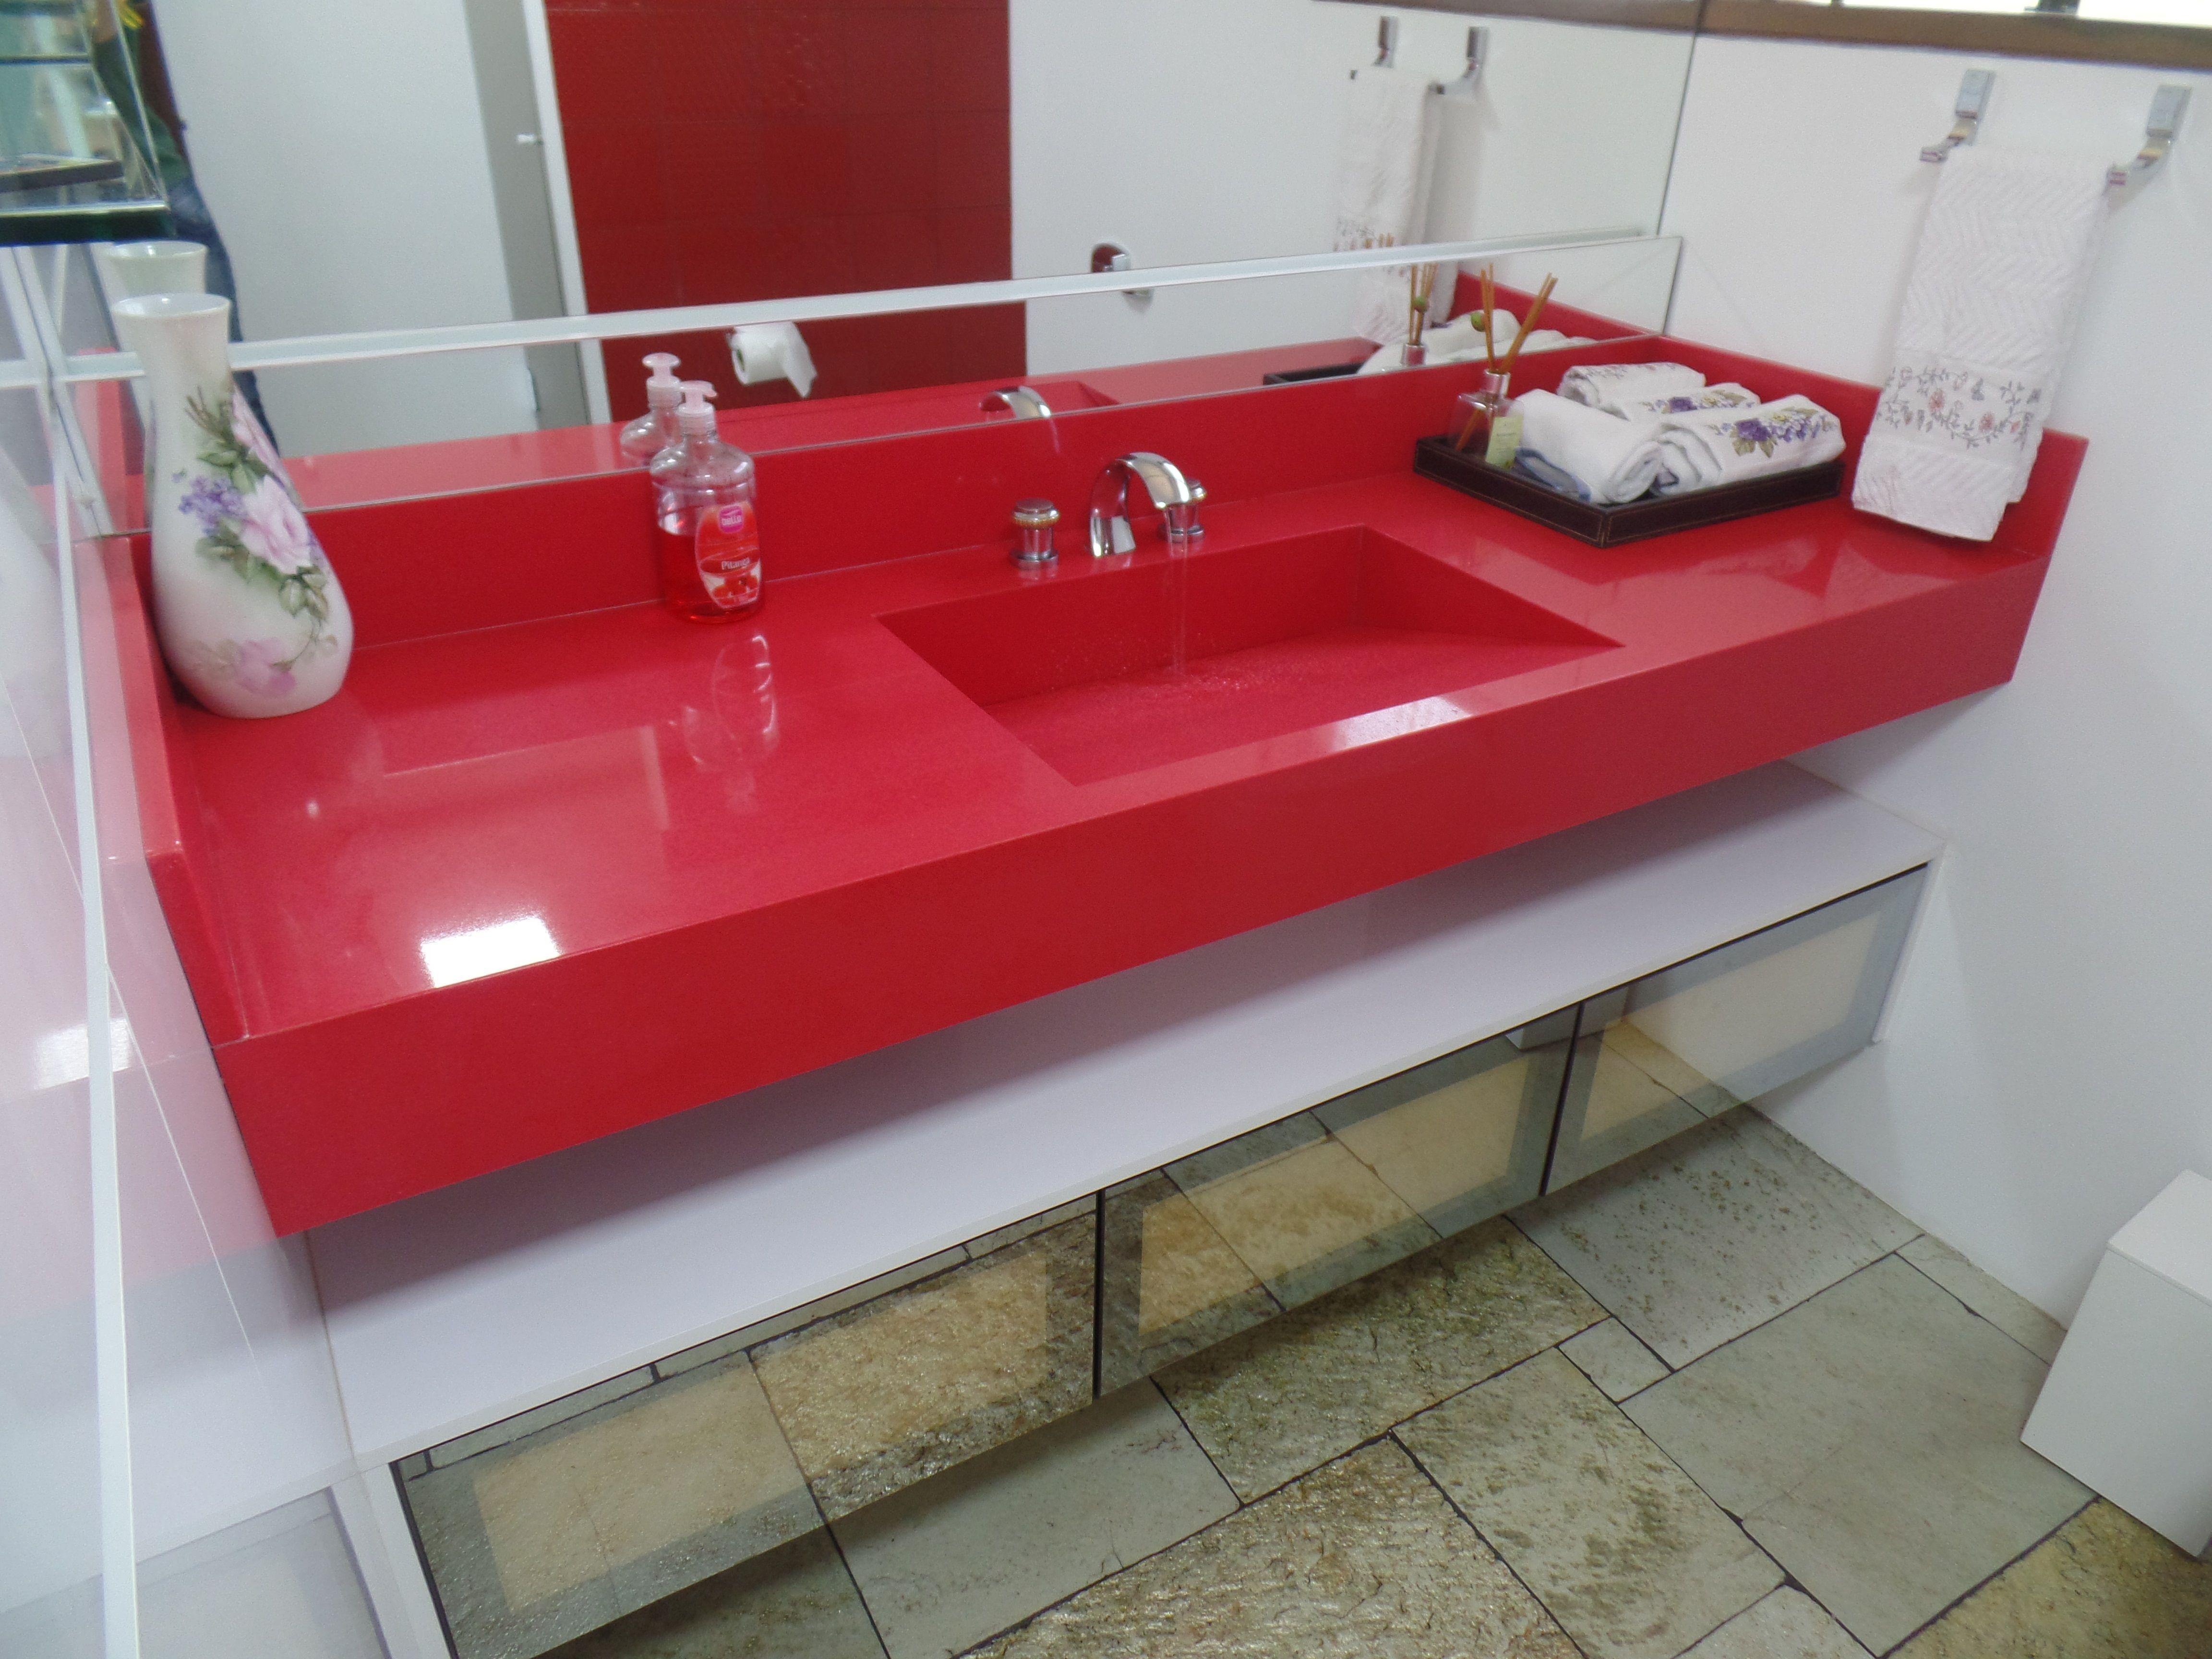 Arbeitsplatte Badezimmer ~ Bancada e cuba de banheiro em silestone rosso monza banheiros